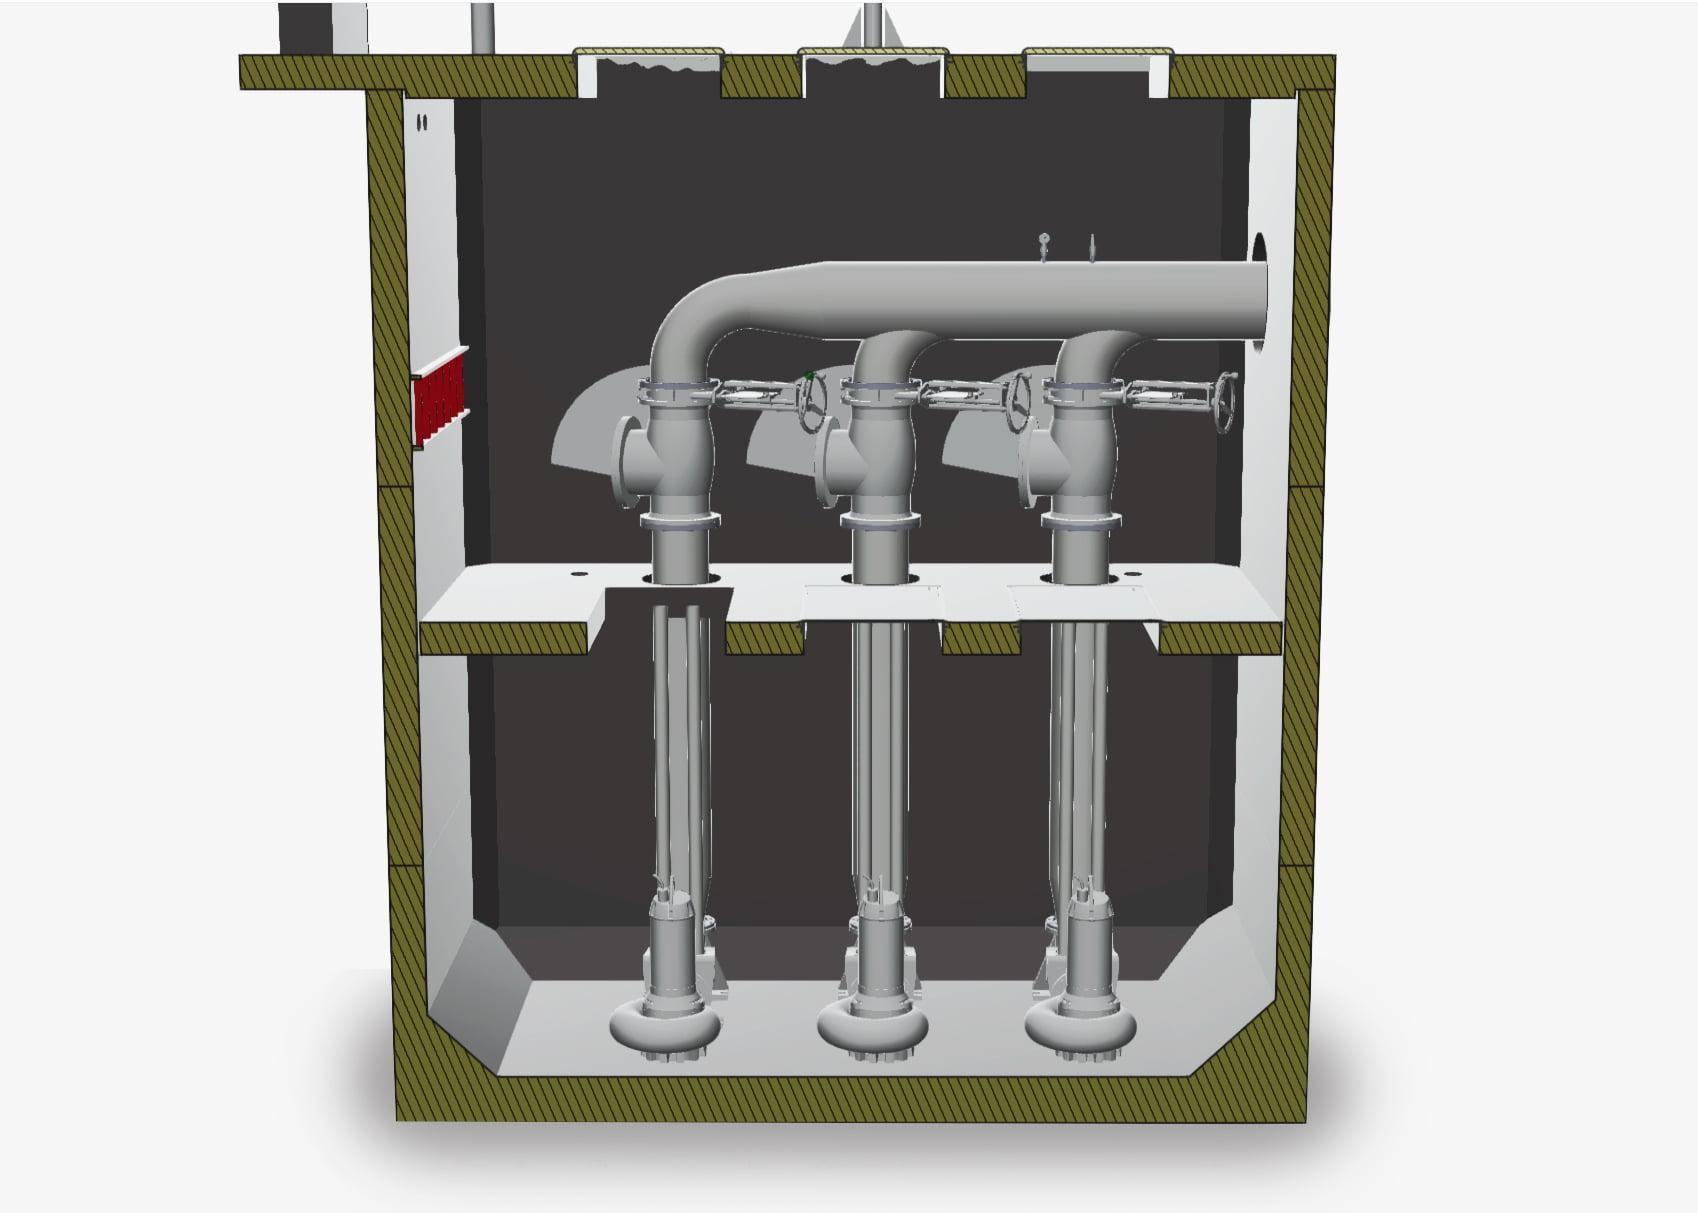 Större VP-station med moduler: sektion med ventiler